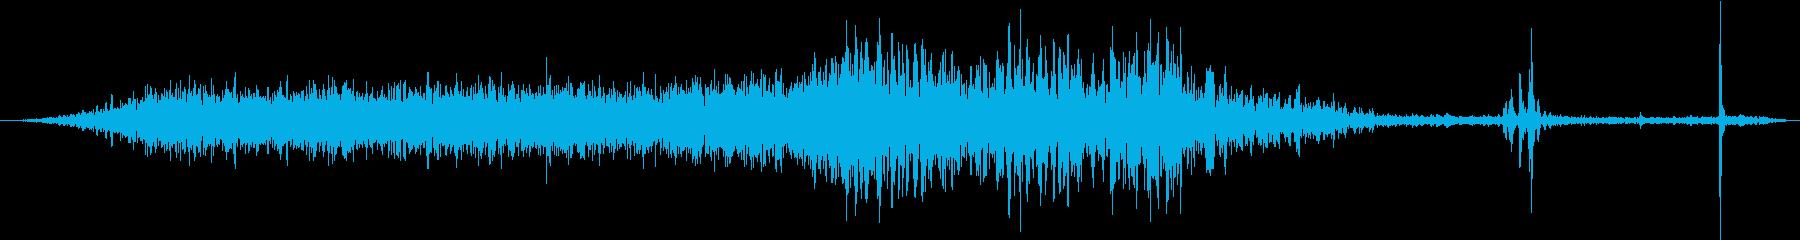 GmキャデラックCts:Int:通...の再生済みの波形